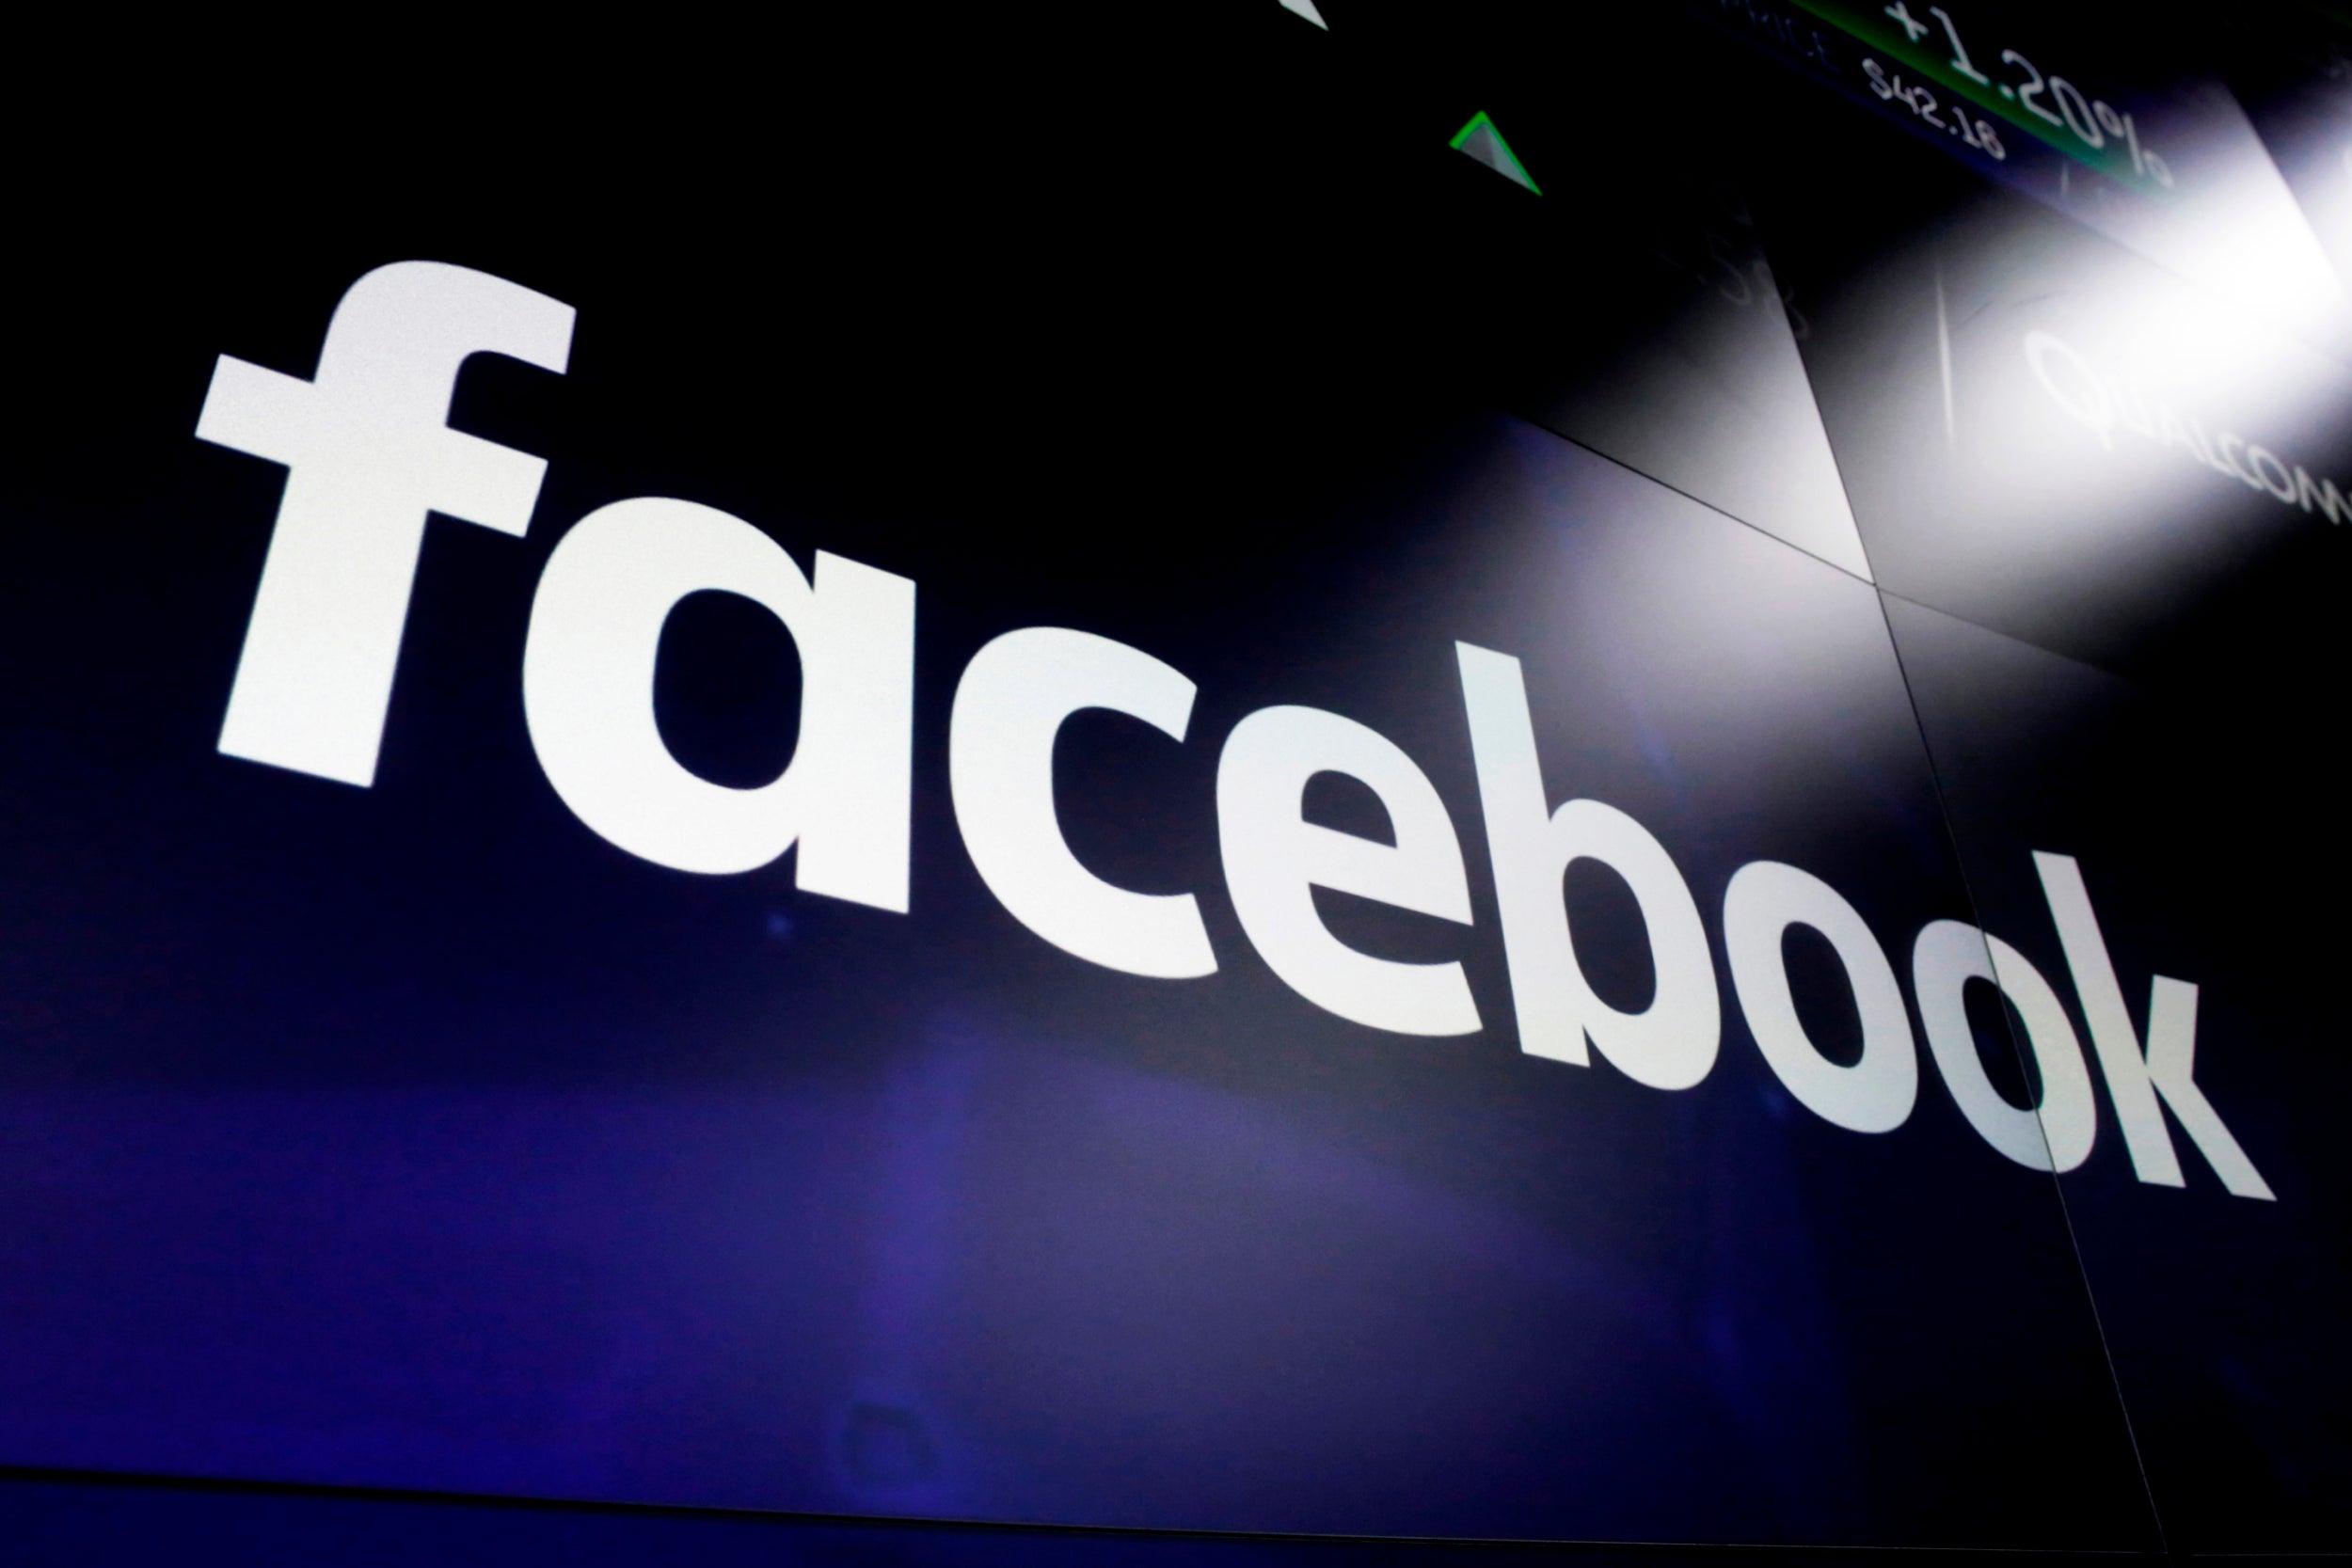 Дата-центр Facebook будет работать на солнечной энергии